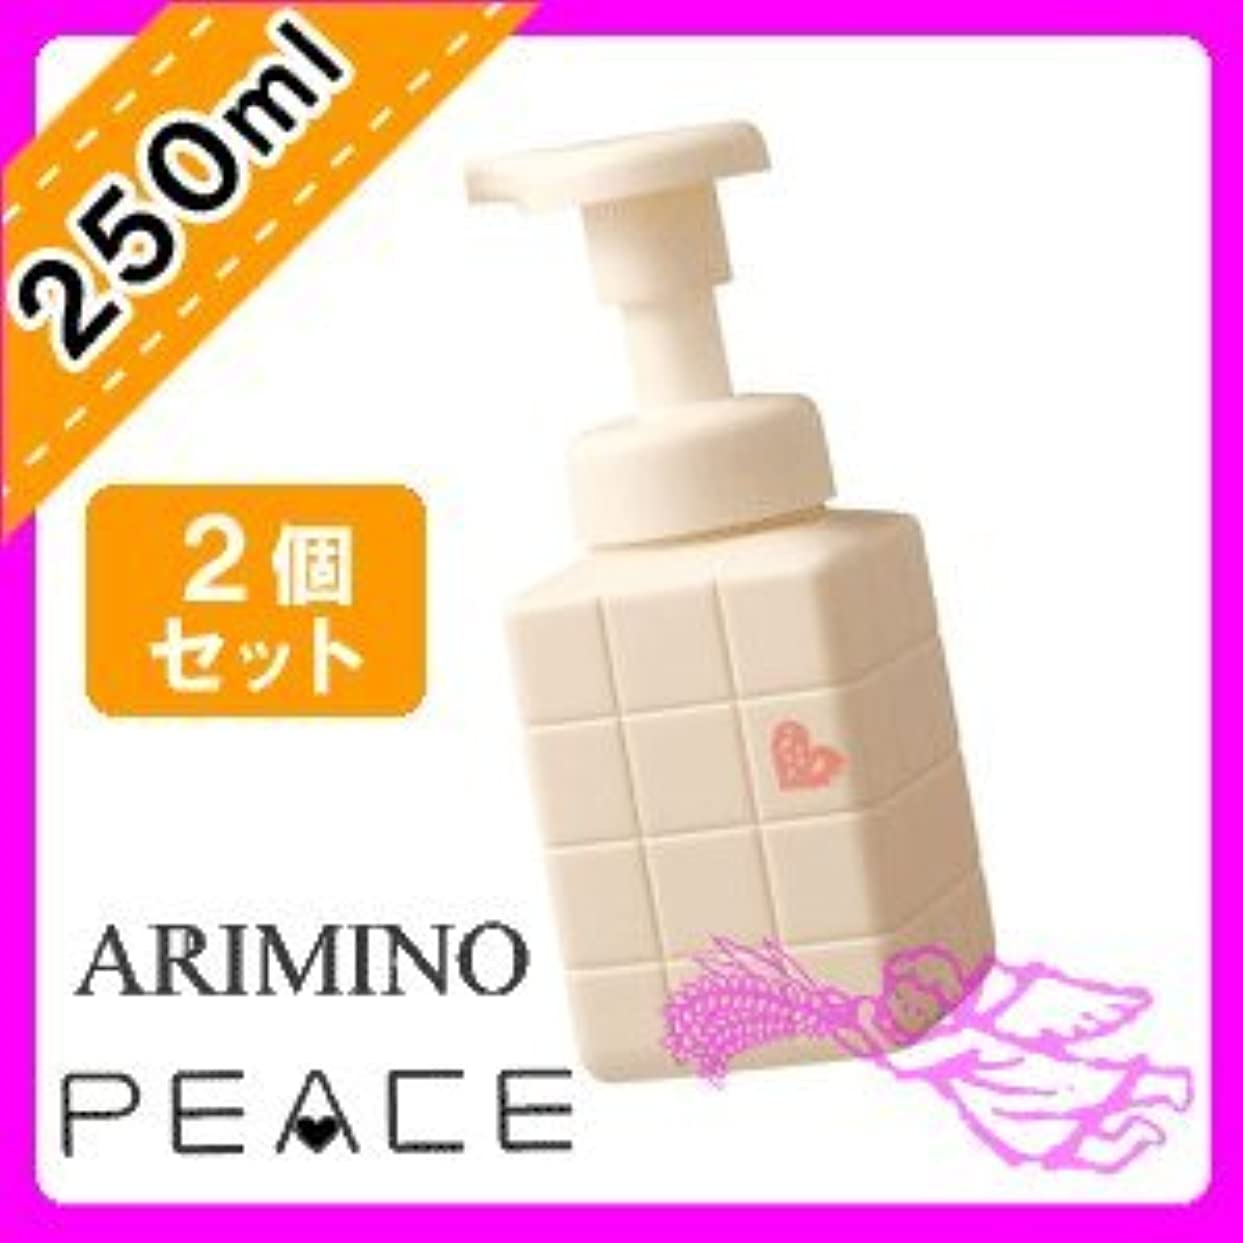 シャックルデジタルチャーターアリミノ ピース ホイップワックス PEACE ナチュラルウェーブ ホイップ250mL ×2個 セット arimino PEACE